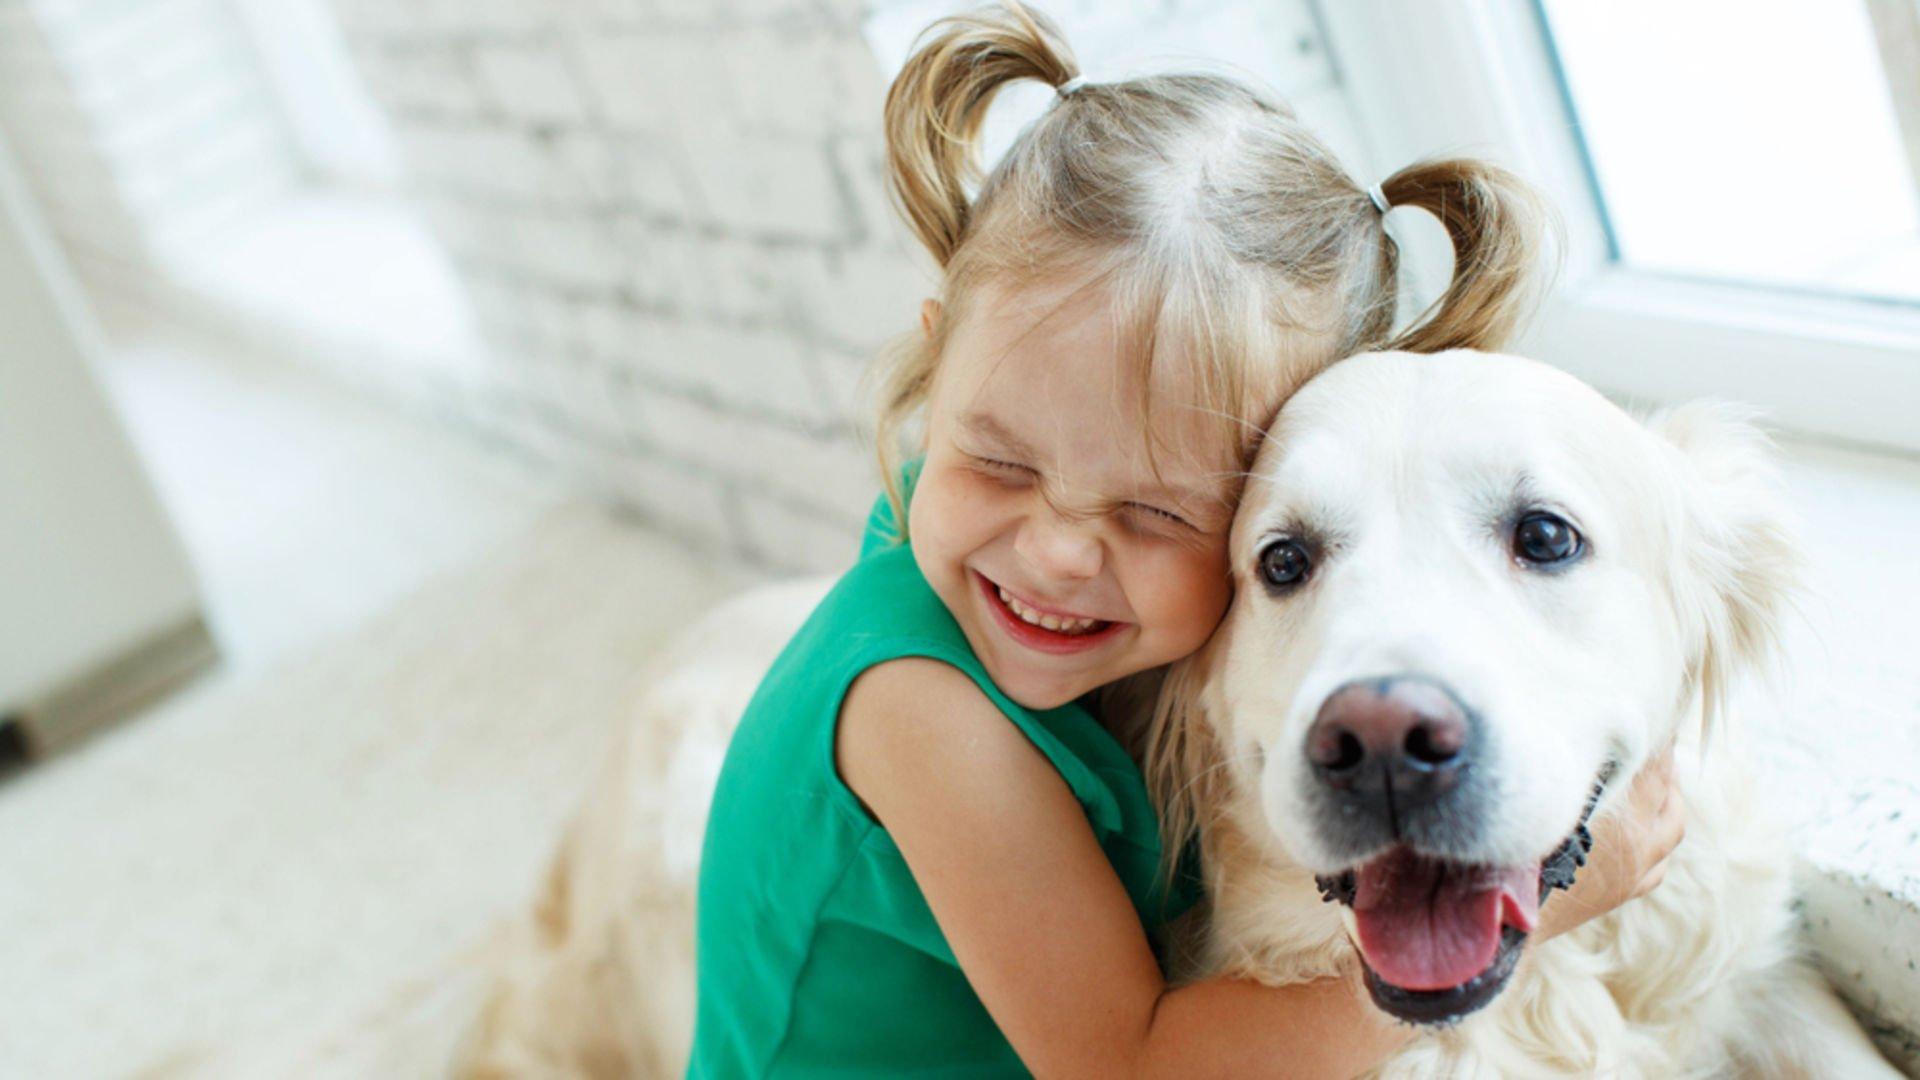 Evcil hayvanlar sevgi ve şefkati öğretir